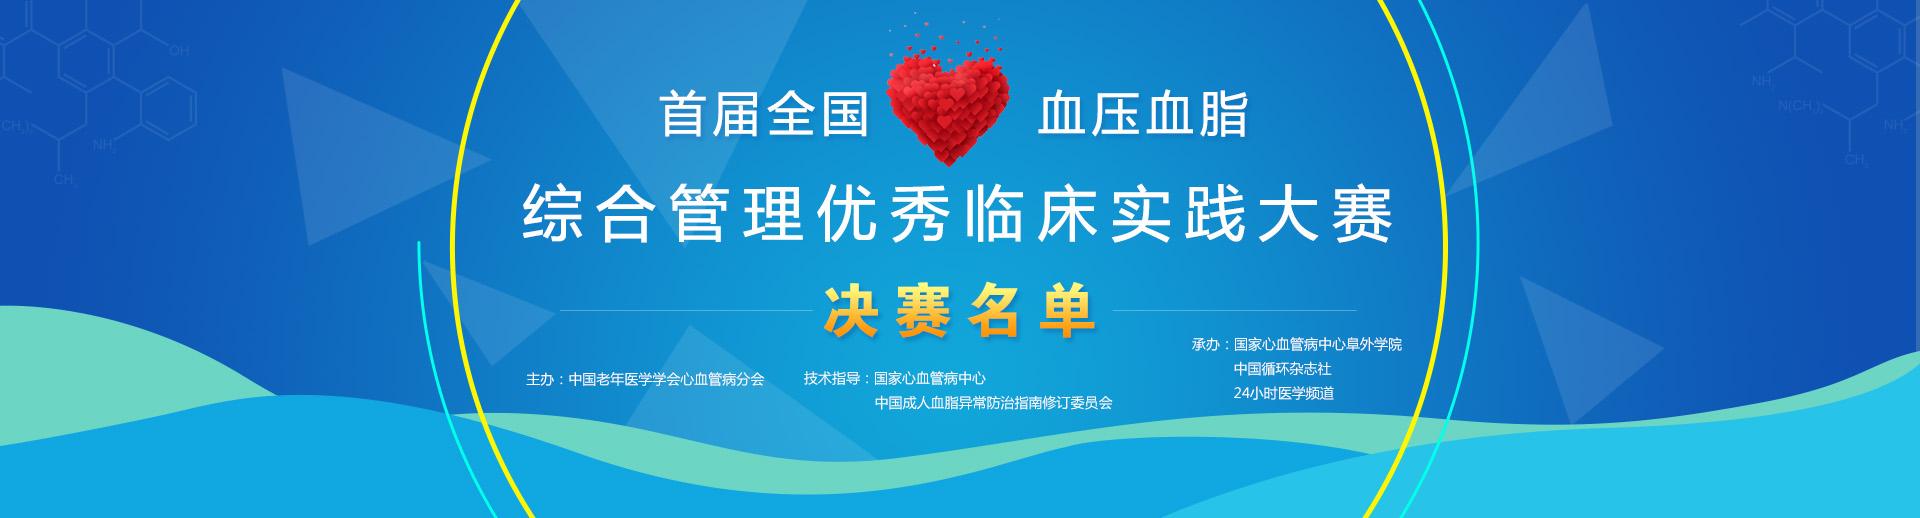 首届全国血压血脂综合管理优秀临床实践大赛通知